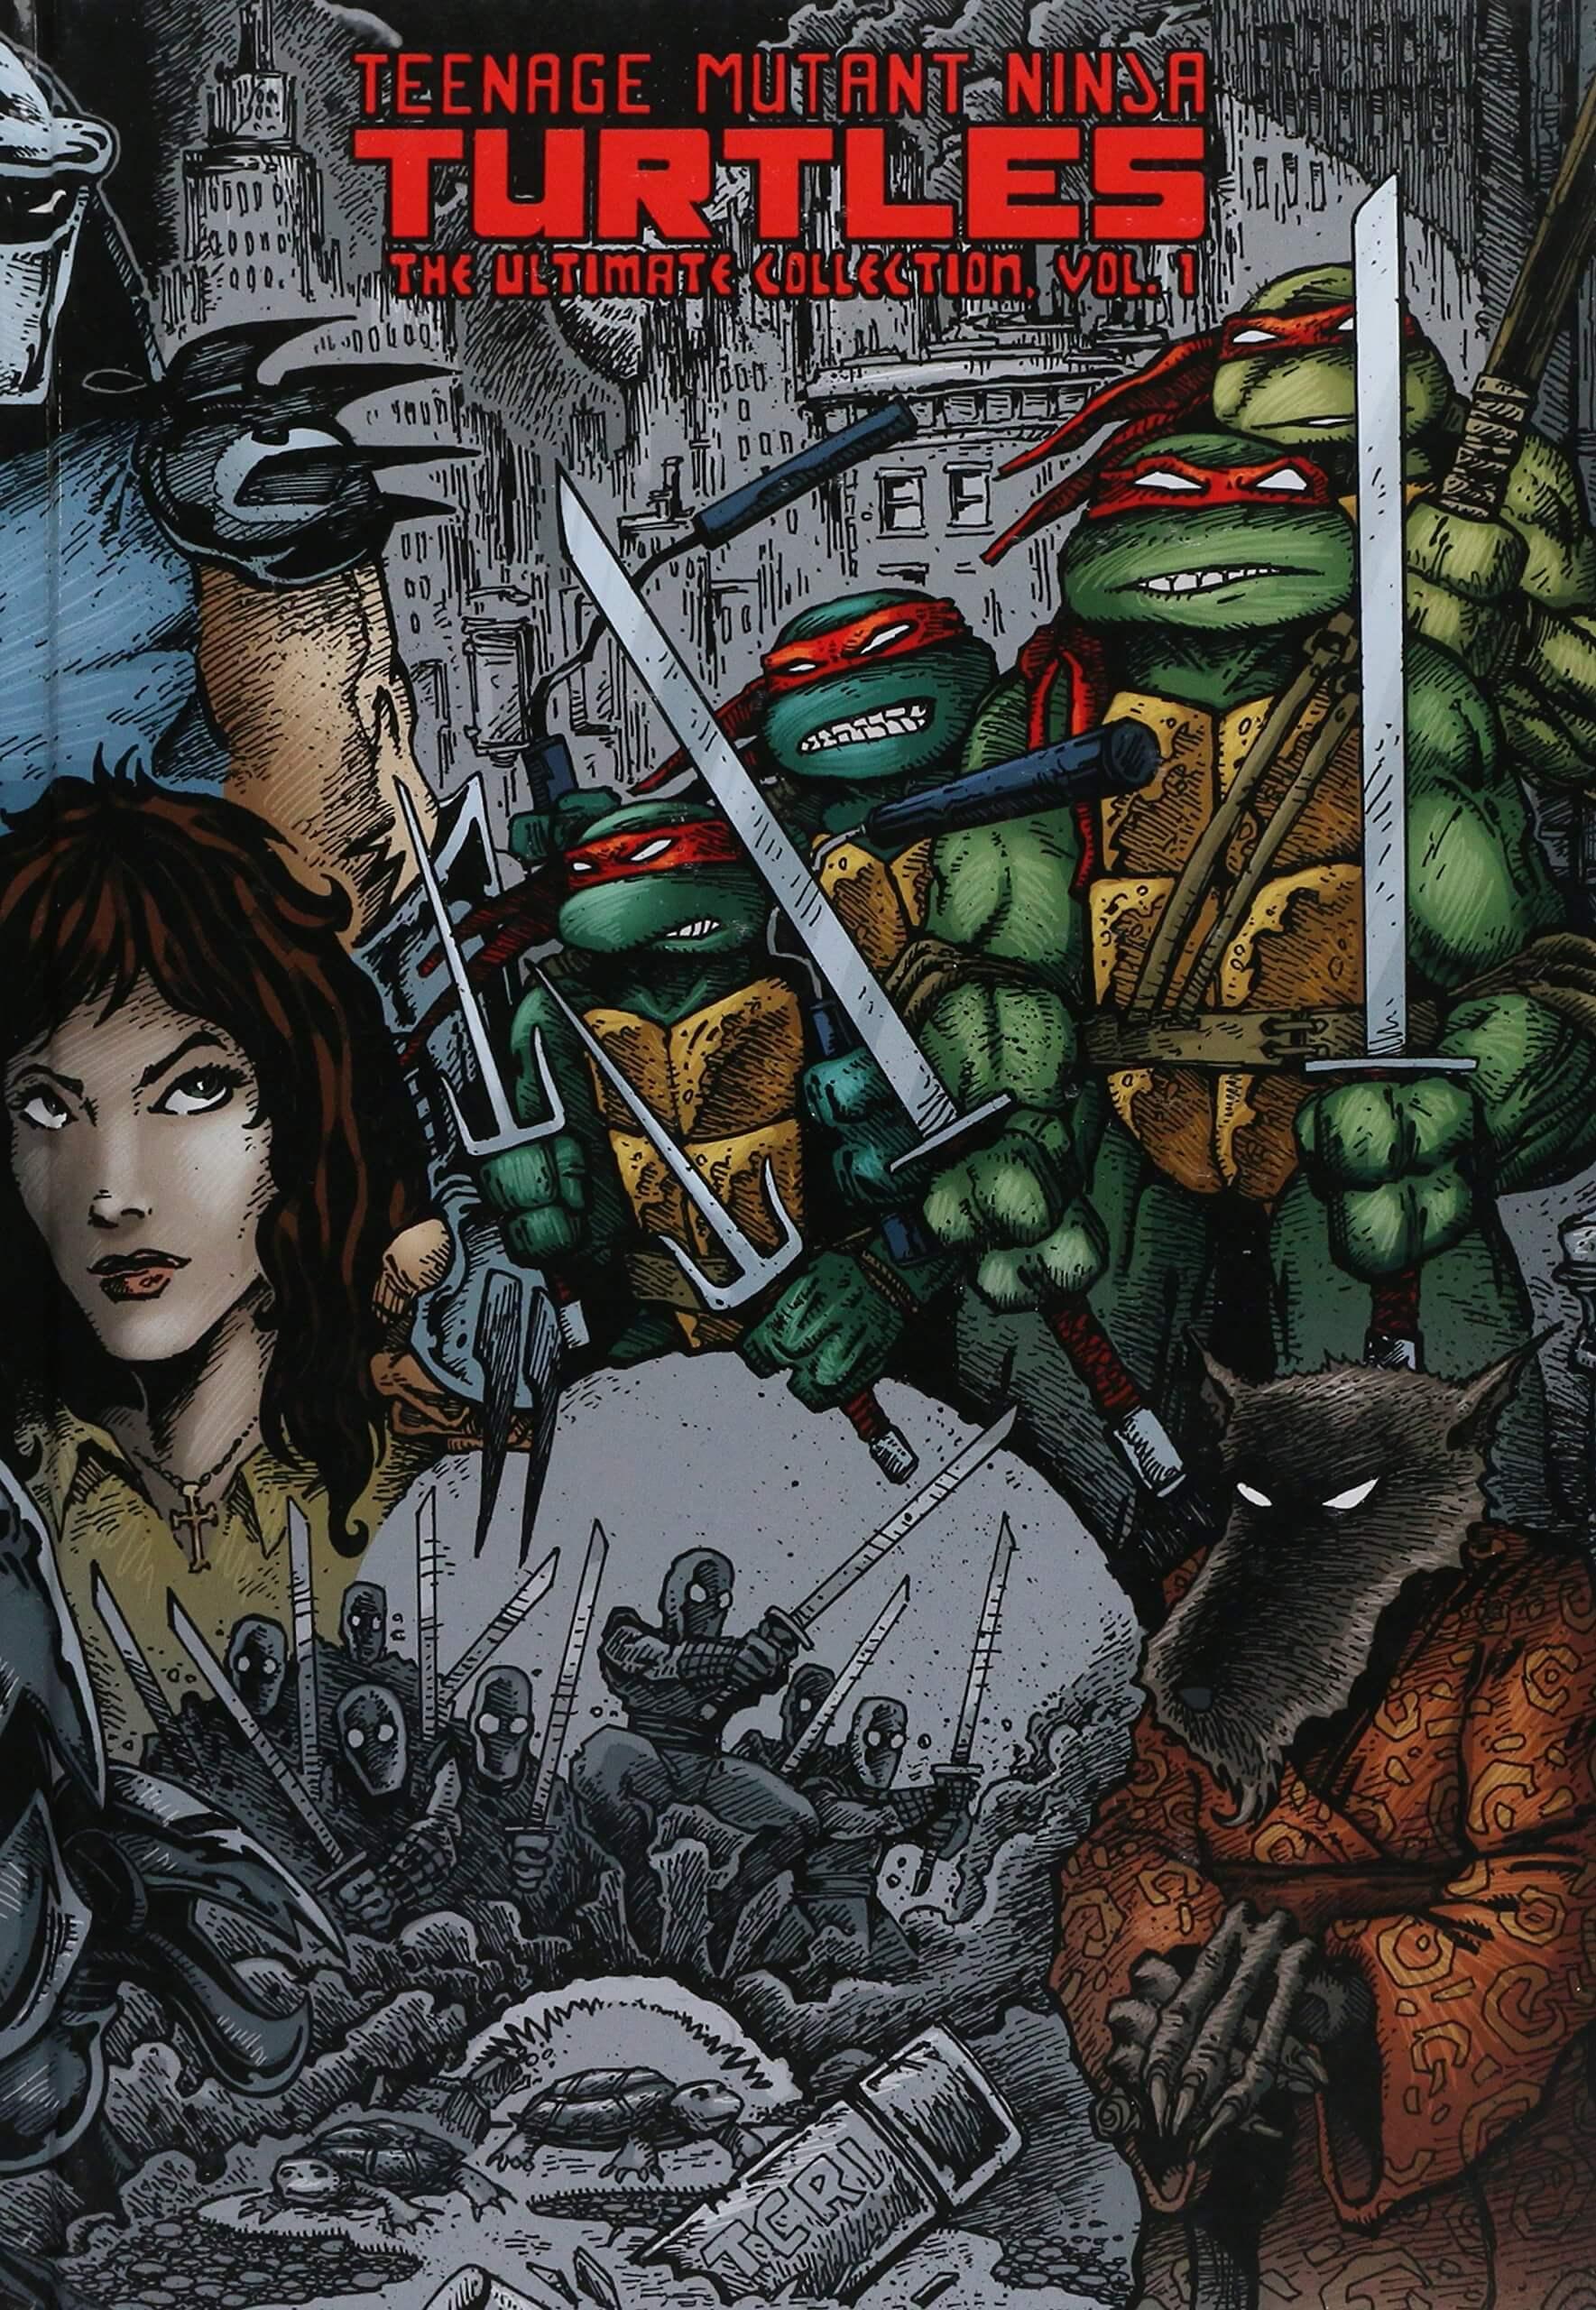 Wojownicze Żółwie Ninja Ultimate Collection tom 1 – recenzja